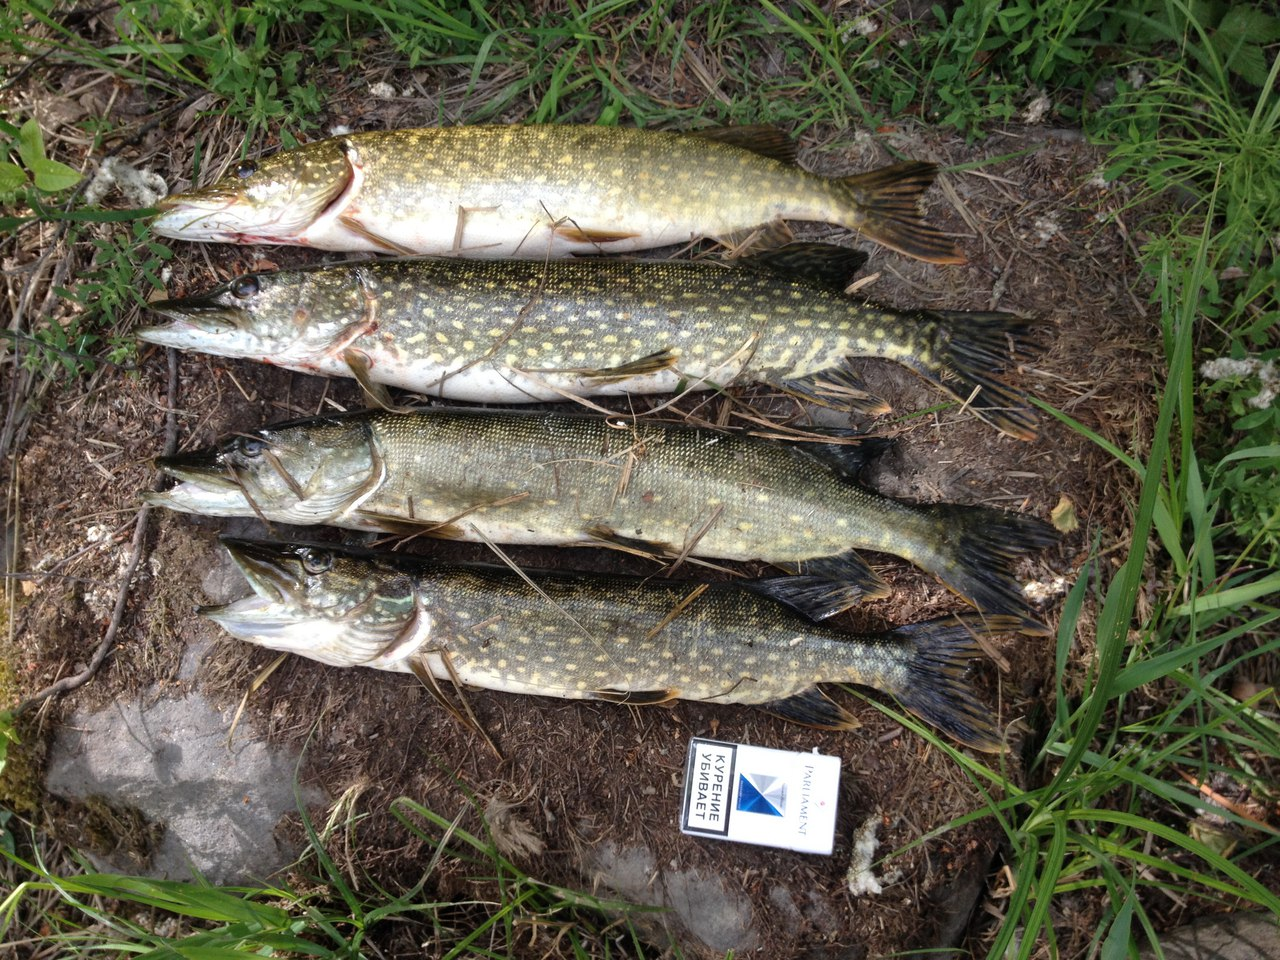 Улов после рыбалки на Хуторе Салокюля